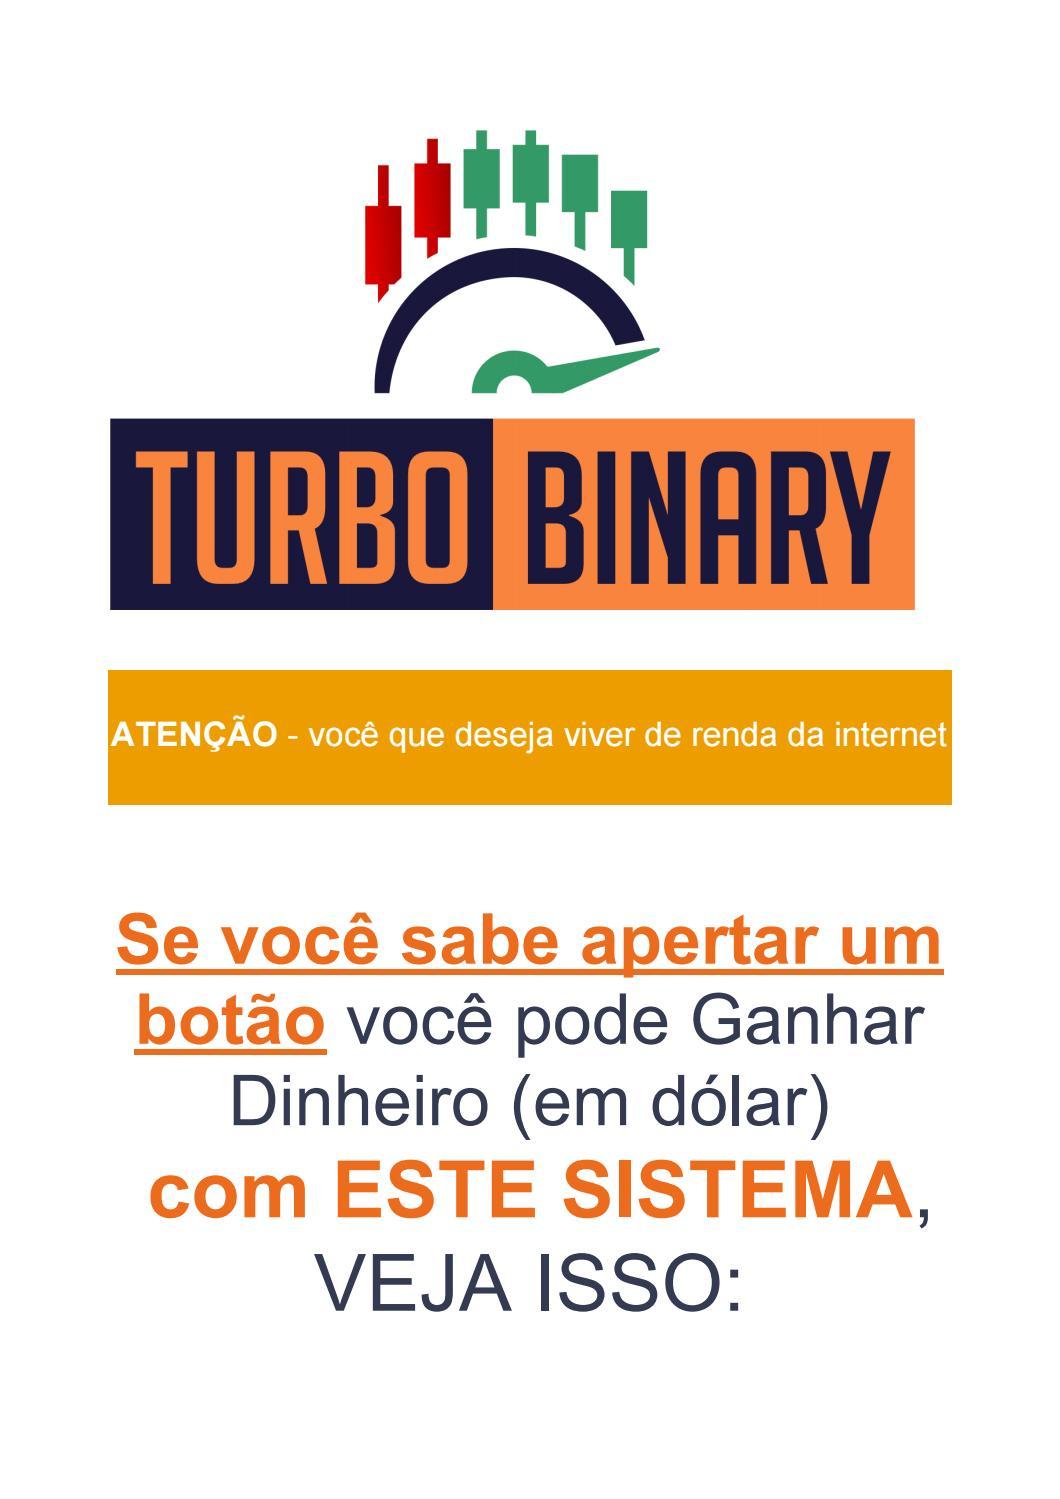 curso turbo binary é bom